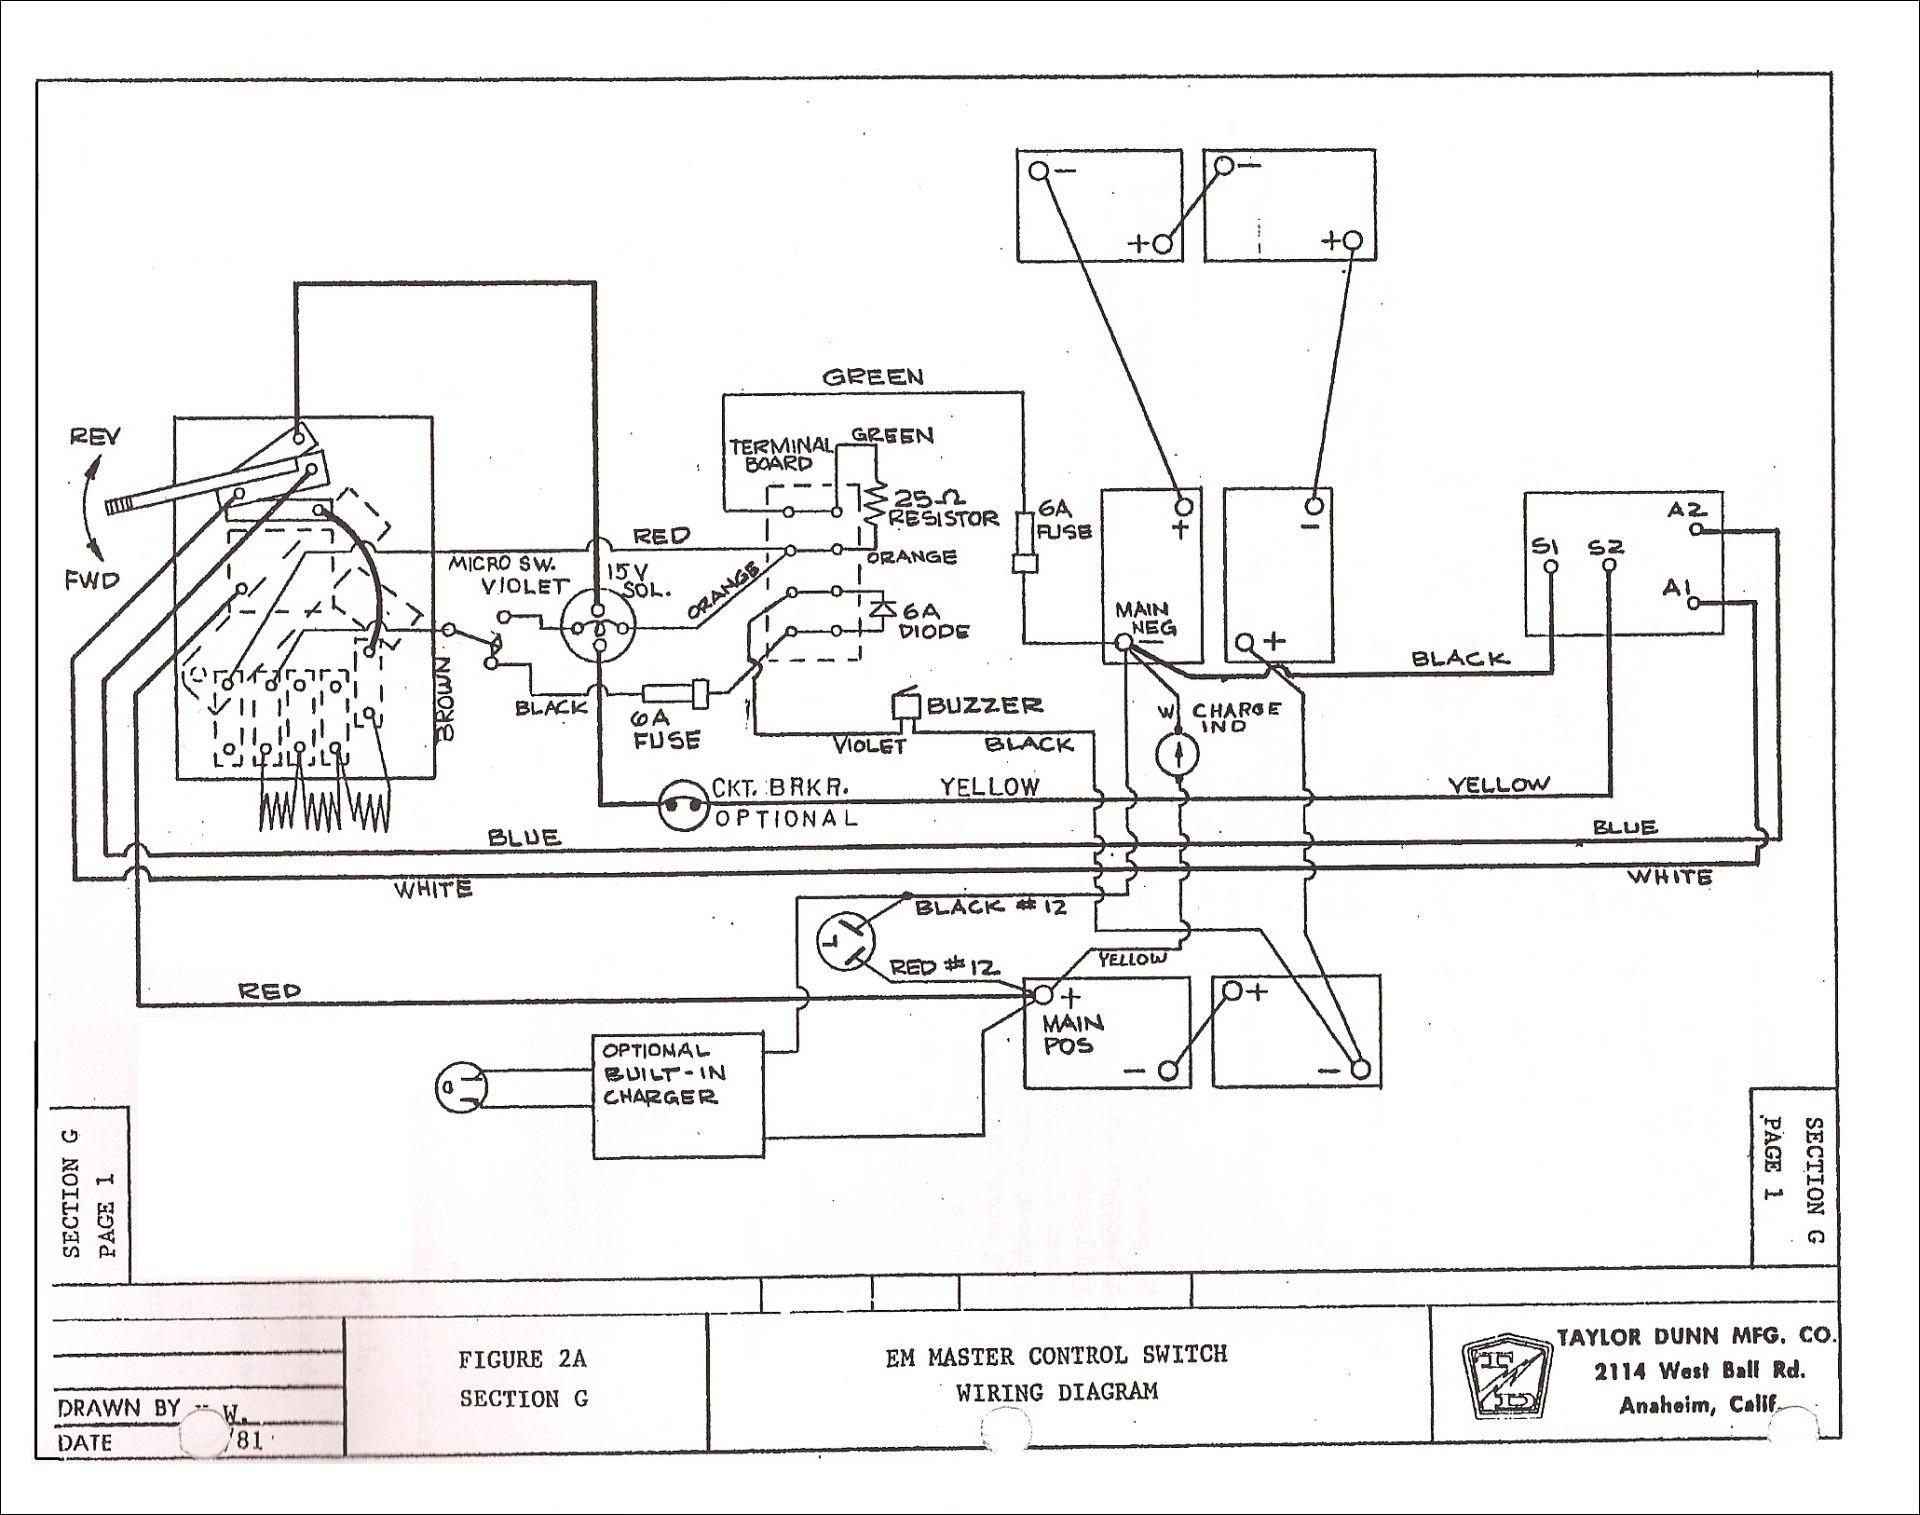 Engine Wiring Diagram Audi A2 Petrol Engine Diagram] 1987 Ez Go Wiring Diagram Full Version Hd Quality Of Engine Wiring Diagram Audi A2 Petrol Engine